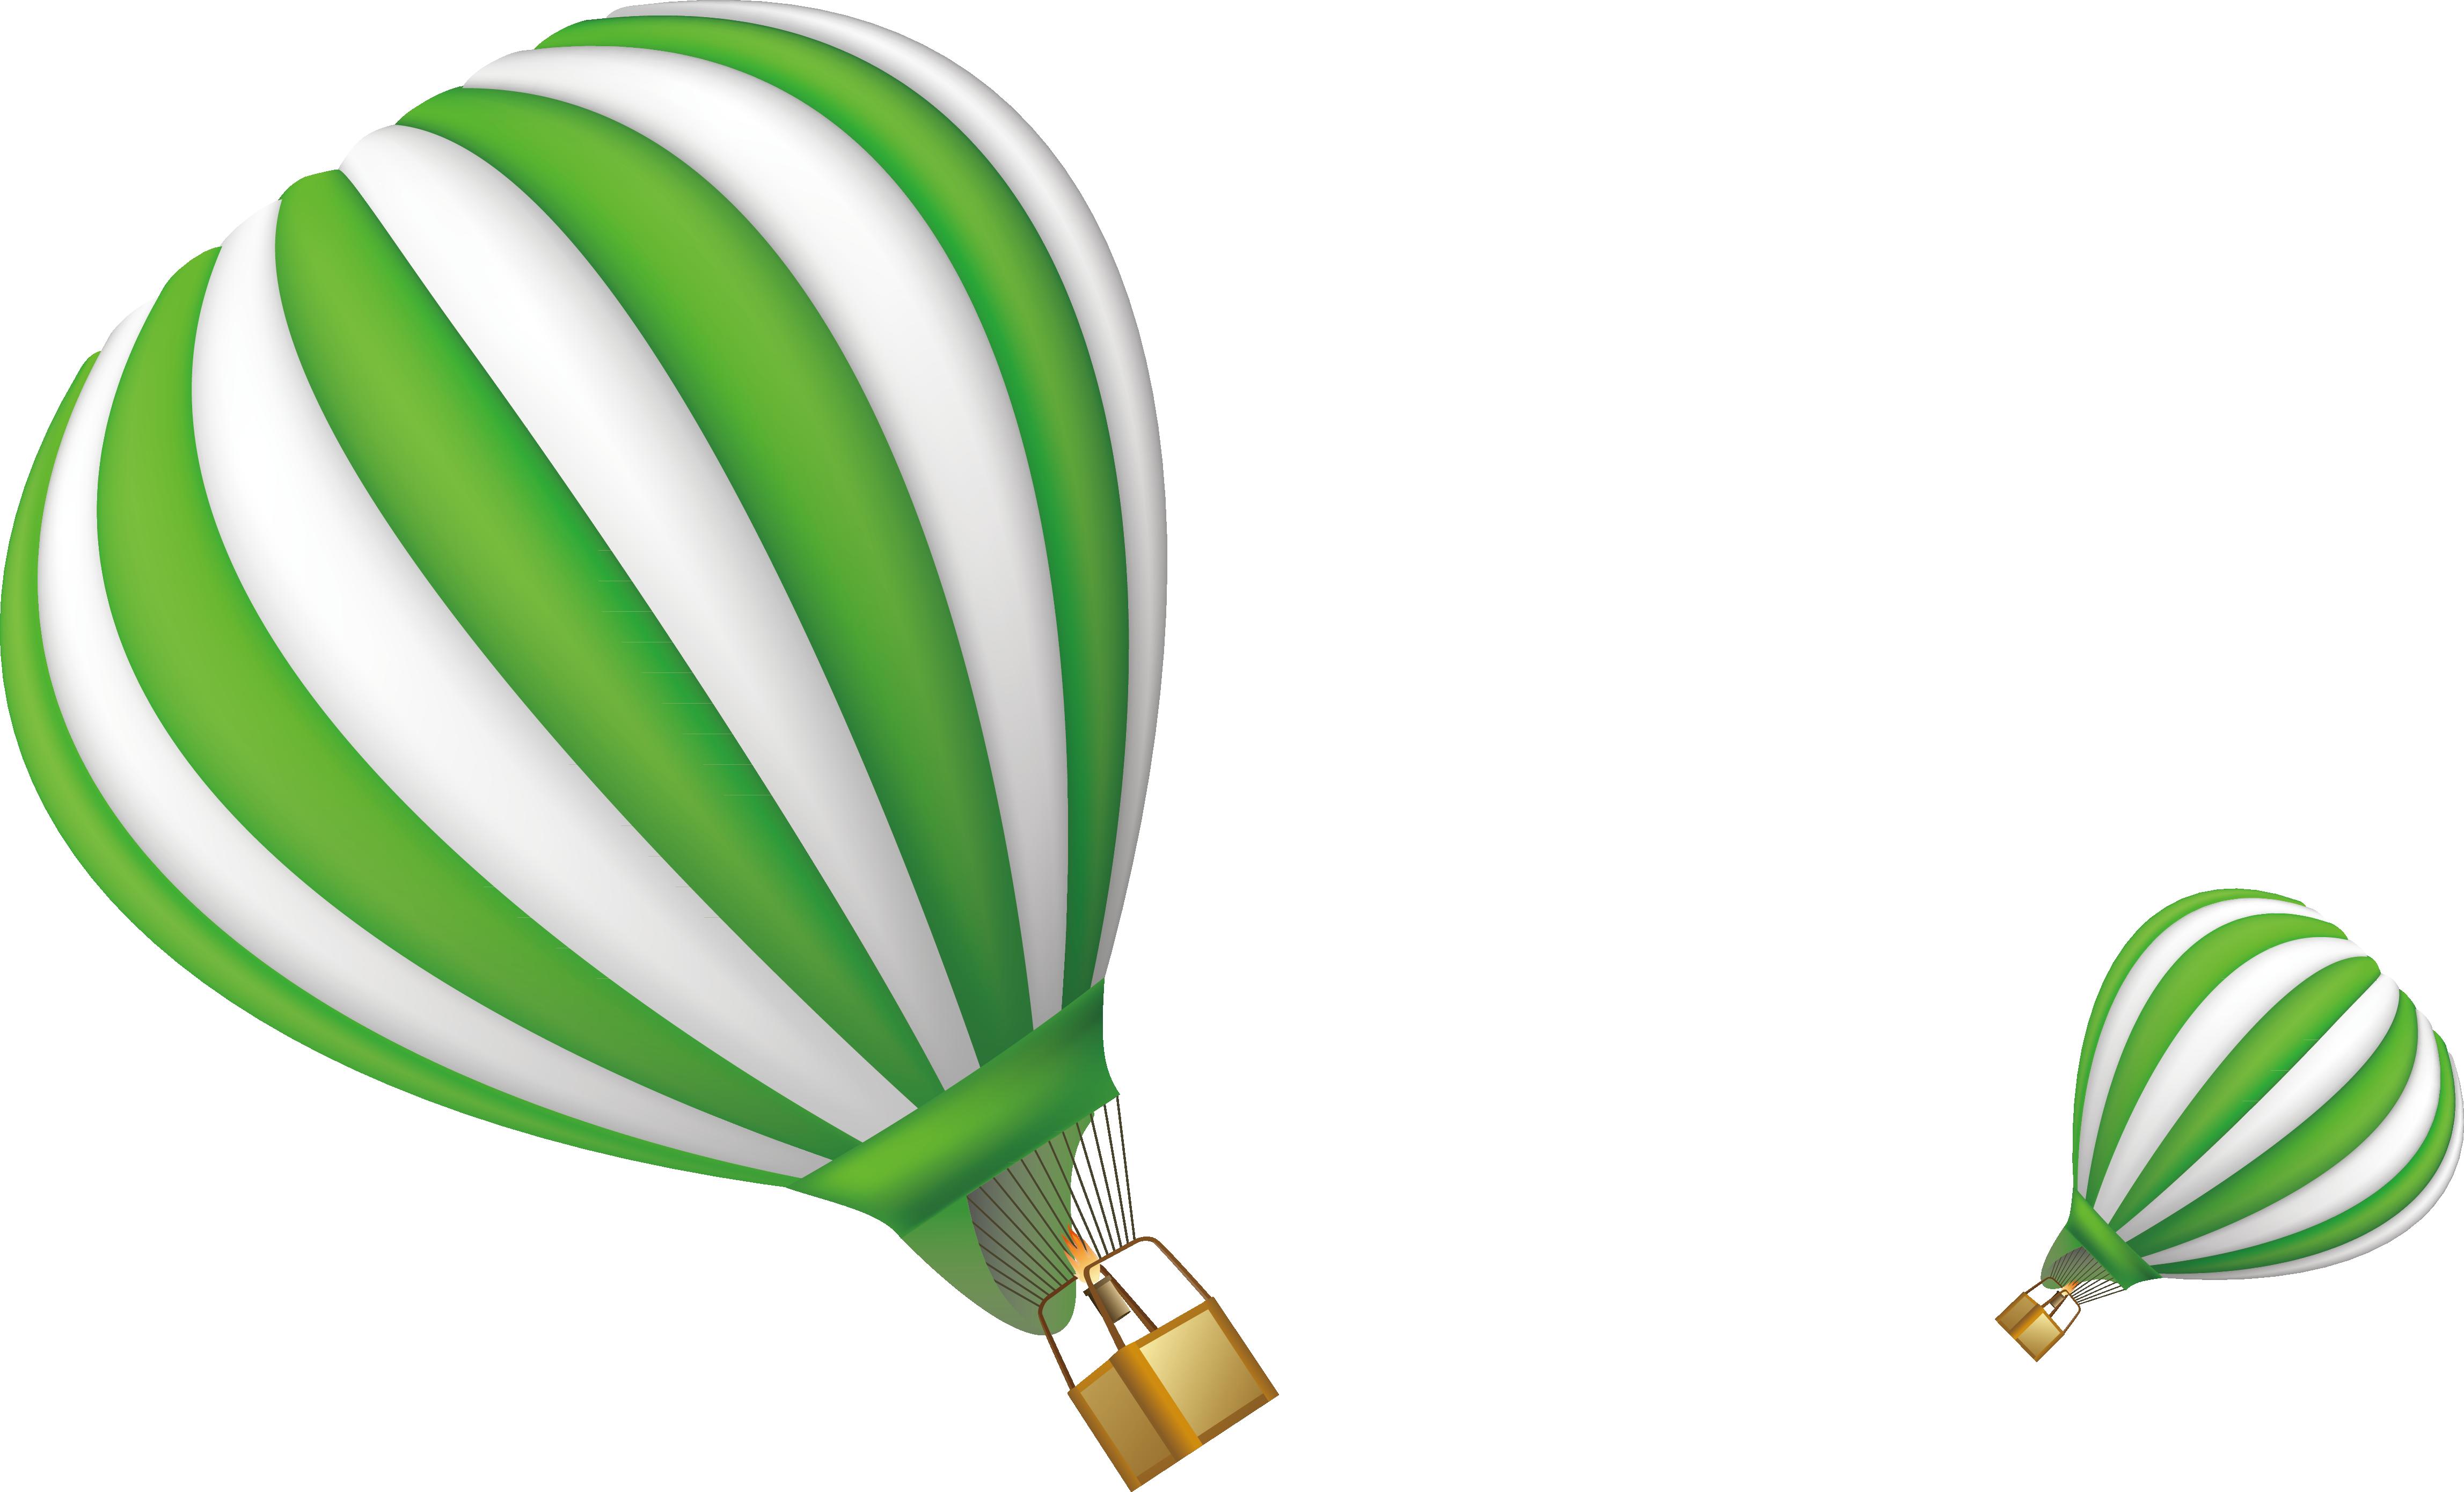 4591x2780 Parachute